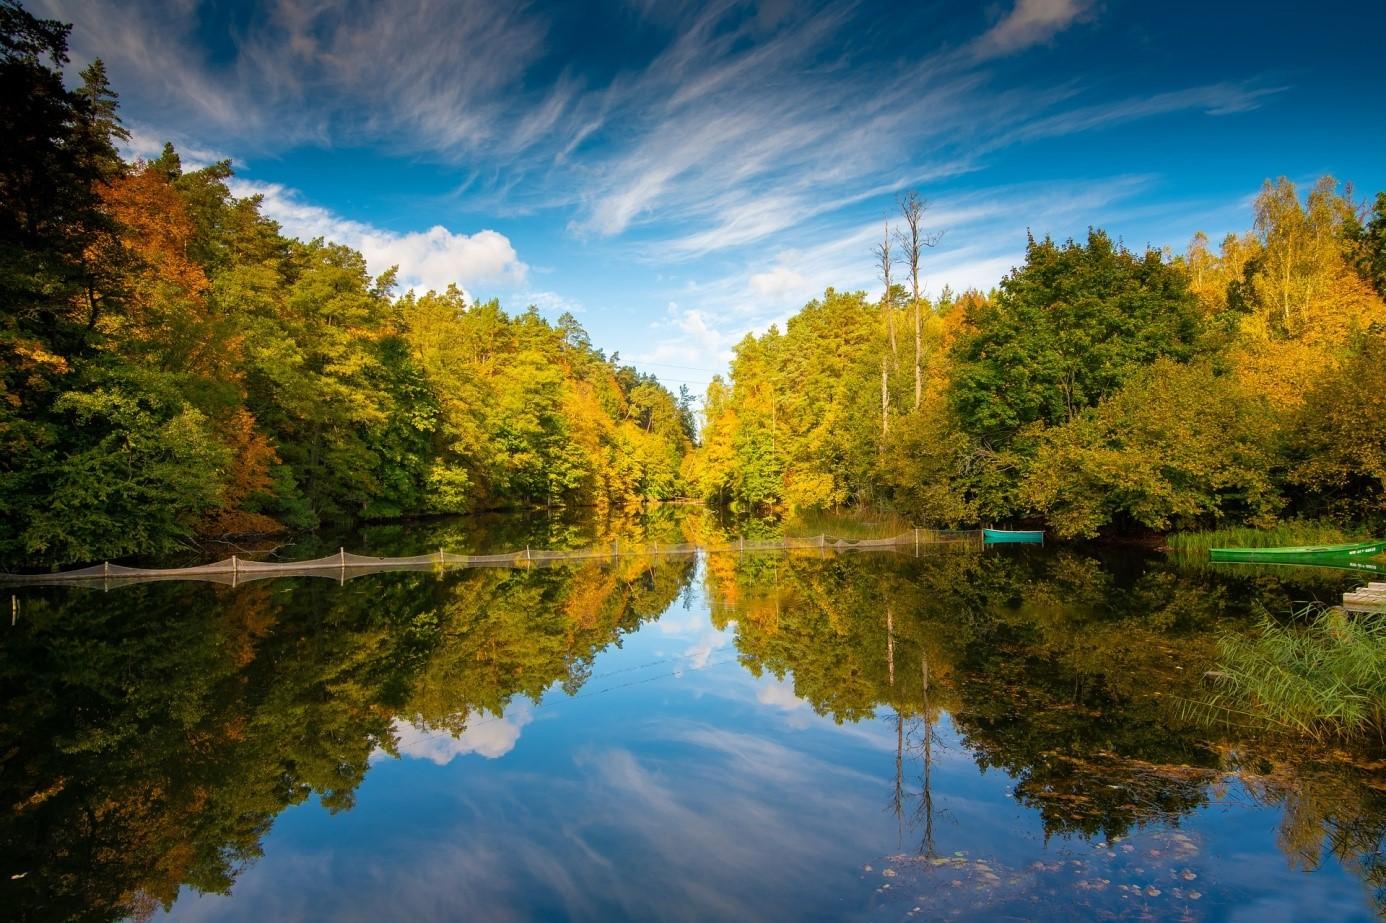 Need Autumn Getaway? Go on a Poland Tour